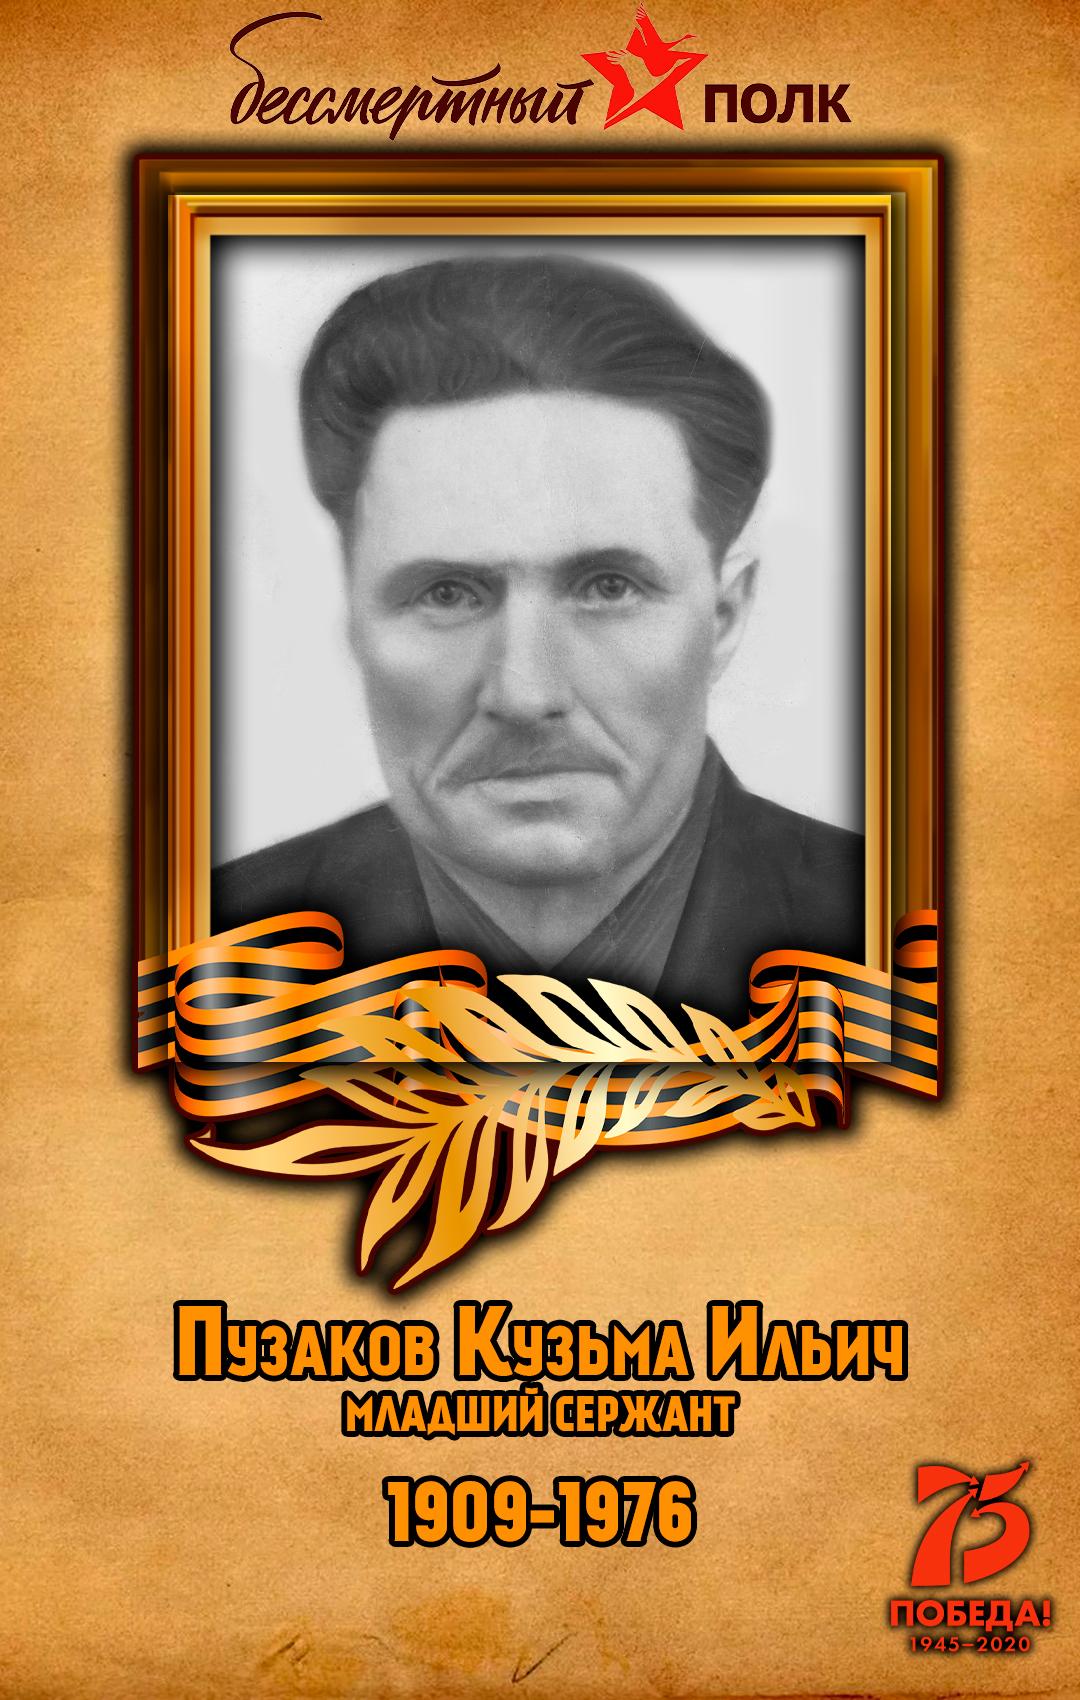 Пузаков-Кузьма-Ильич